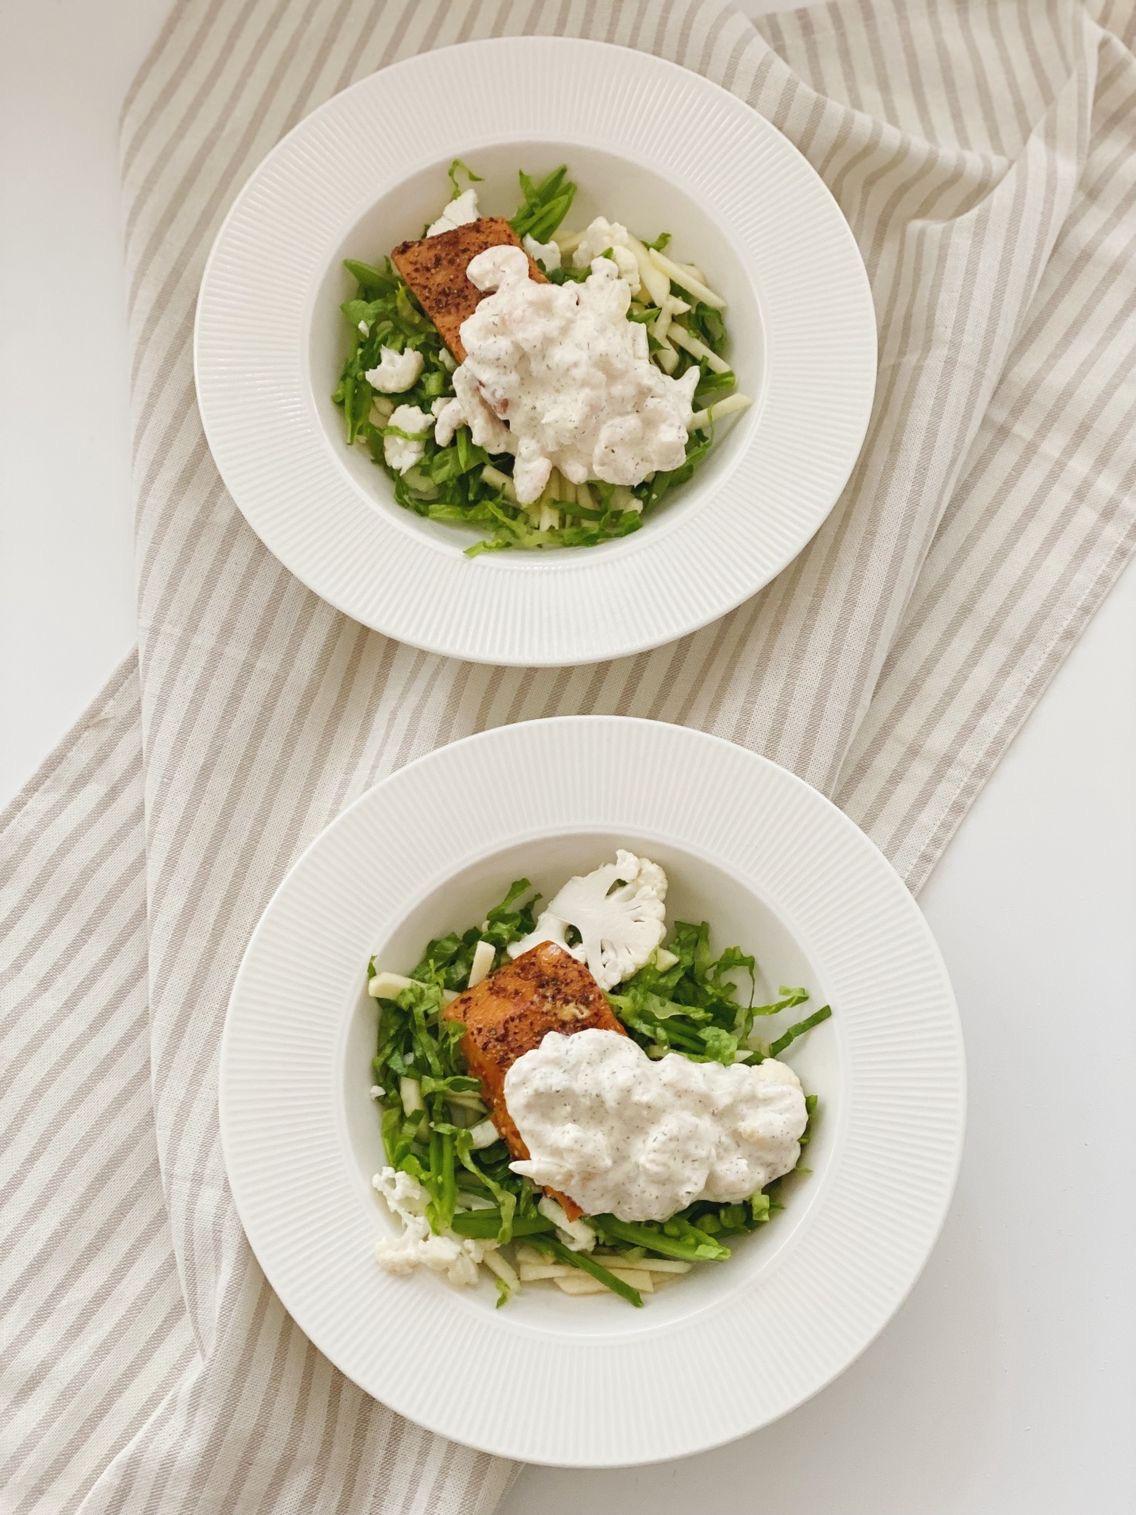 Varmrøget laks med rejesalat i to dybe tallerkner set oppe fra. de dybe tallerkner er placeret ovenpå en stribet serviet.